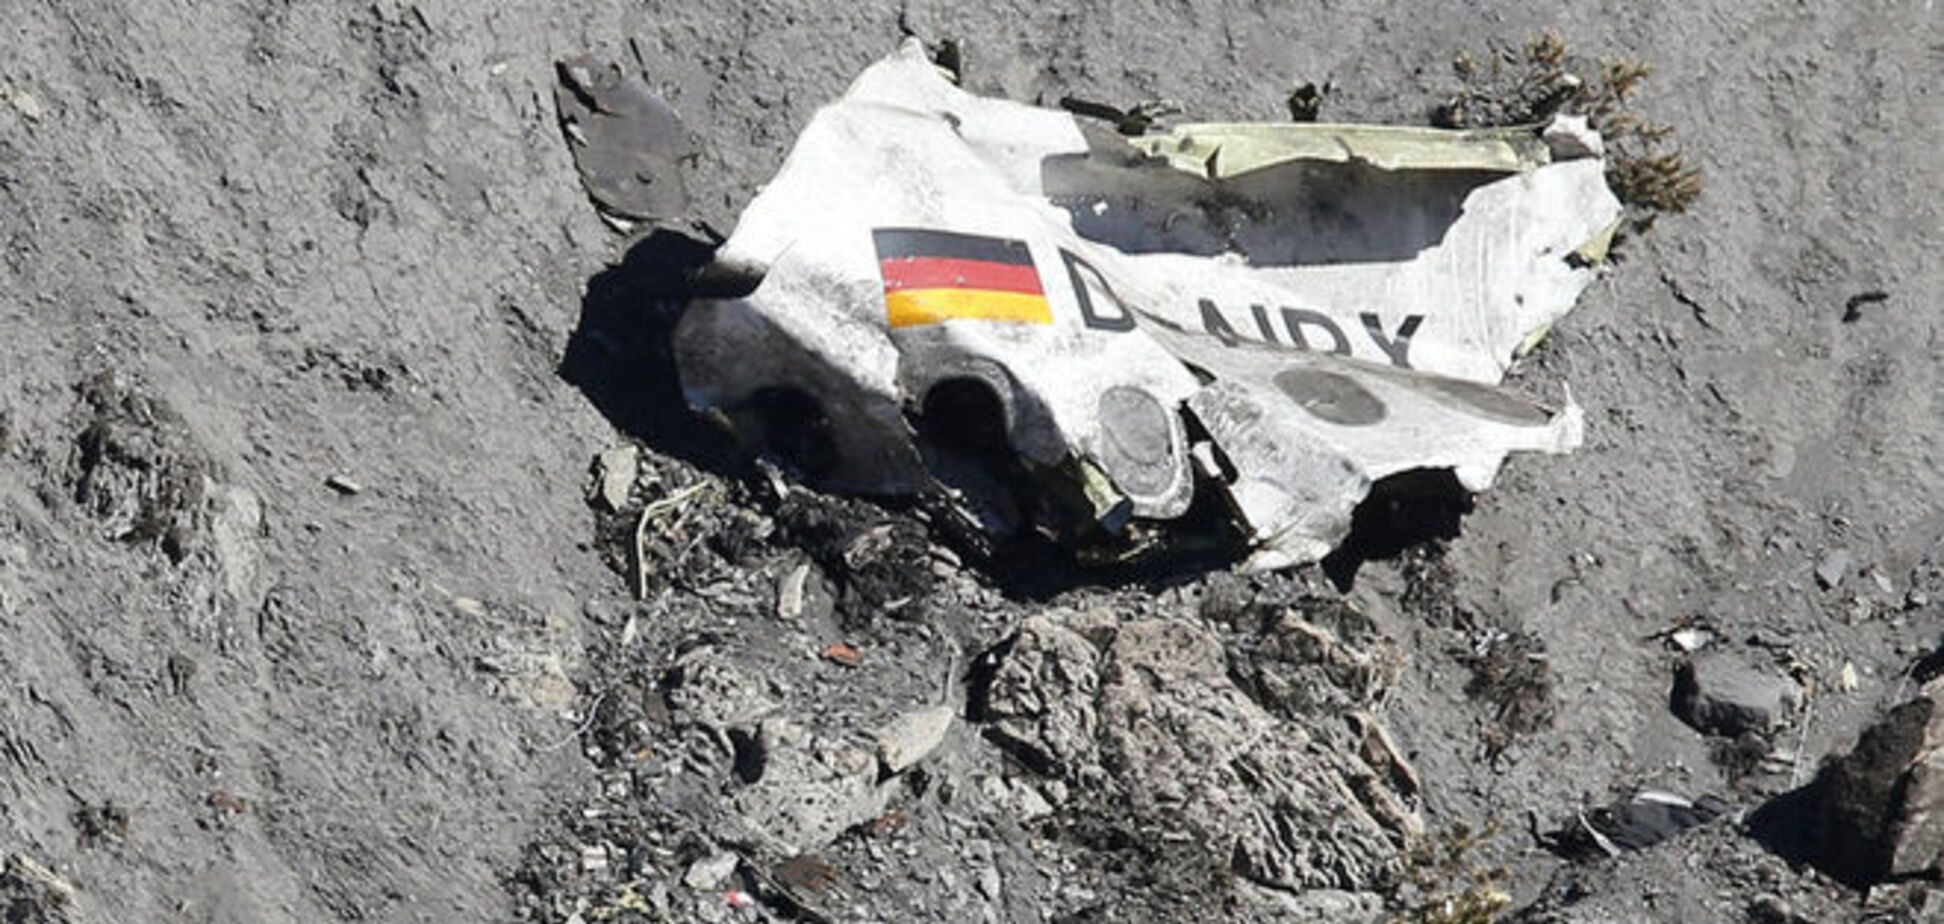 Командир разбившегося Airbus пытался топором выломать дверь в кабину пилотов